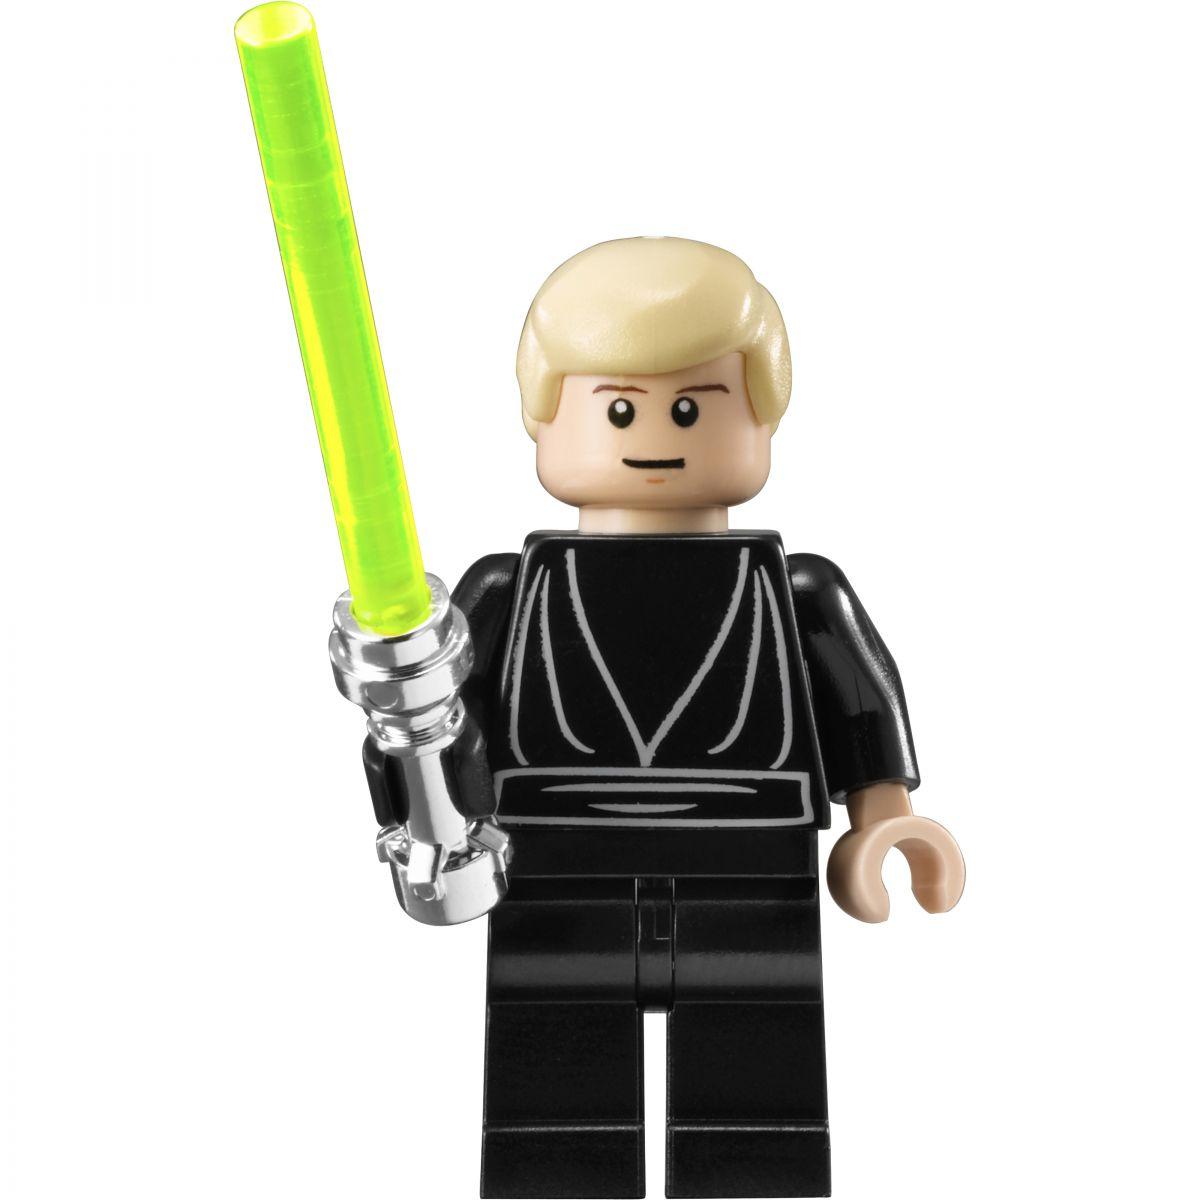 Childrens LEGO Star Wars Luke Skywalker Watch (8020356) | WatchShop.com™